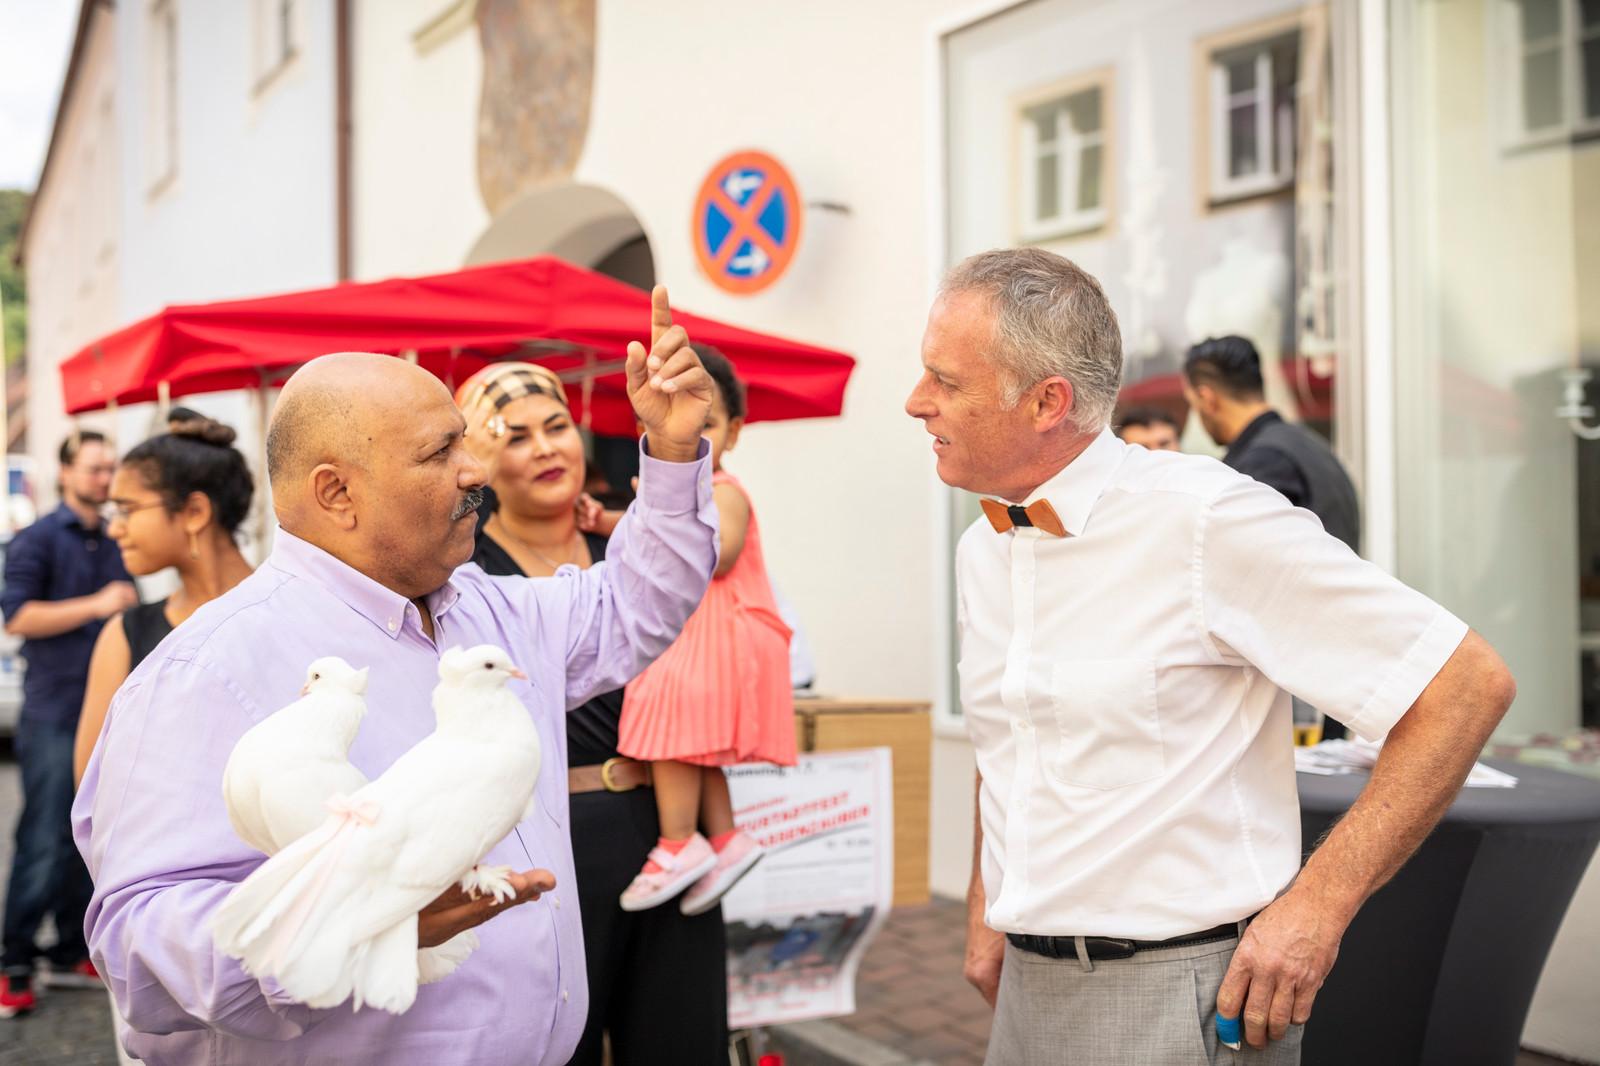 events Landshut Hochzeitsplanung Landshut Agentur Feenstaub